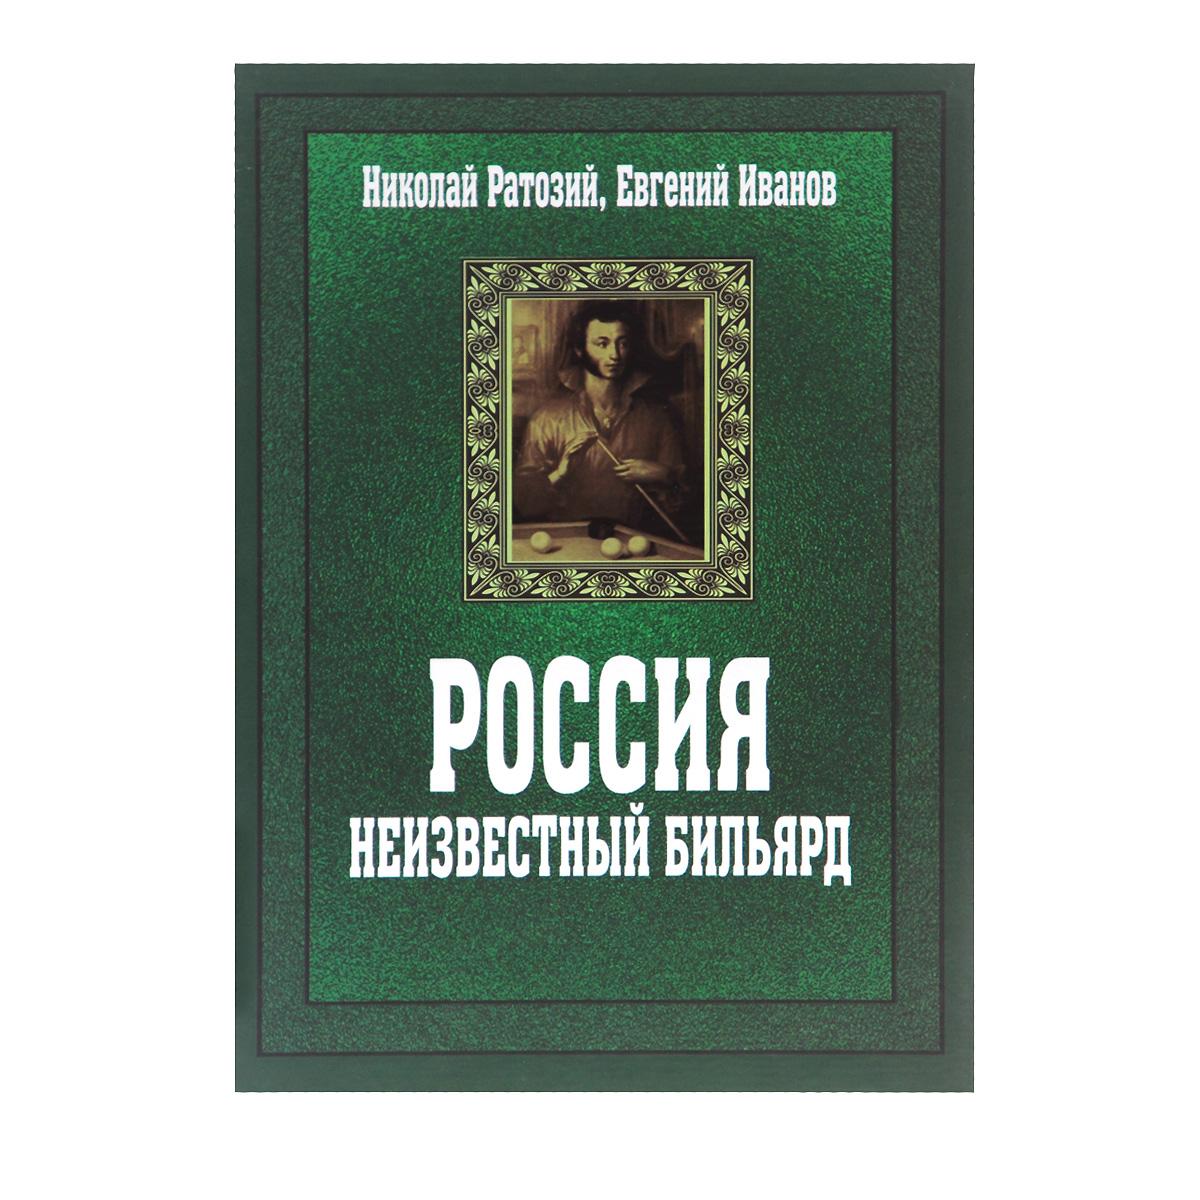 Россия. Неизвестный бильярд ( 978-5-9243-0229-4 )